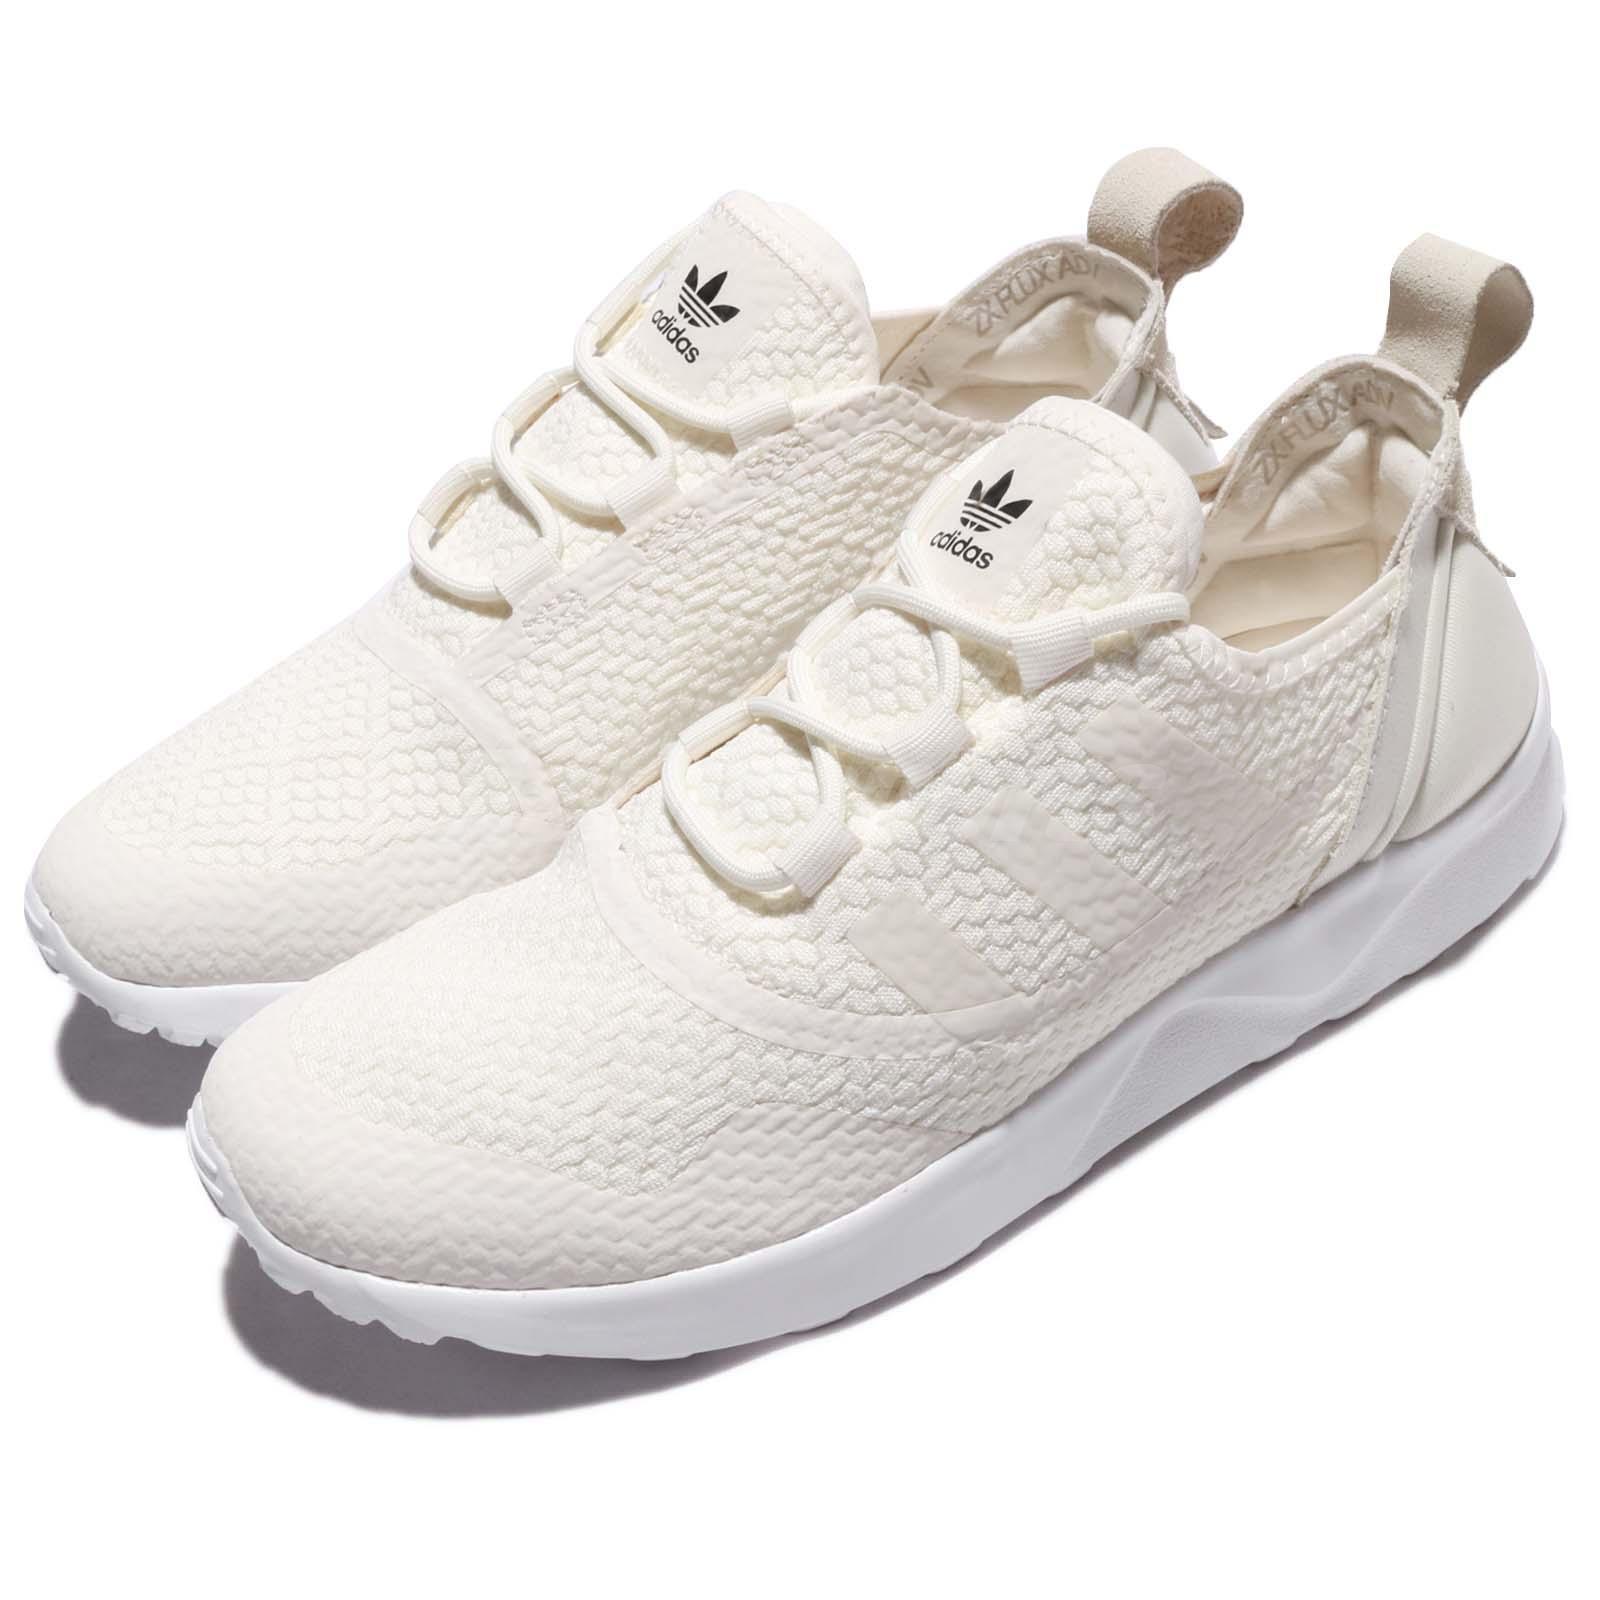 new style 0e77d c7d5b Detalhes sobre Adidas Originals Zx Flux Adv Virtue W Off White feminino  tênis de corrida CG4092- mostrar título no original